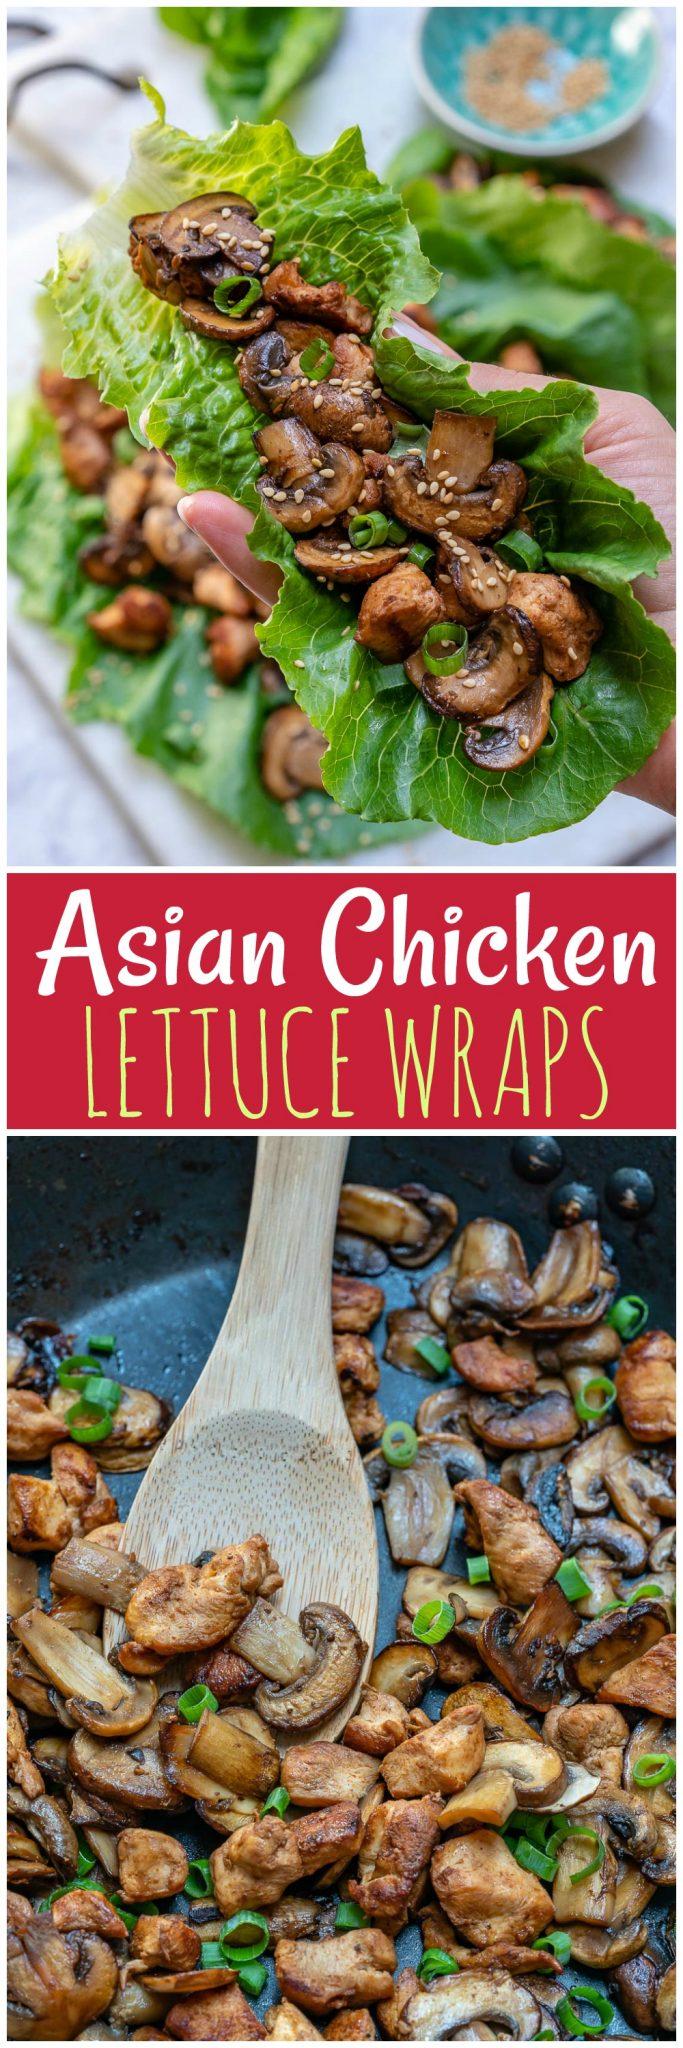 Asian Chicken Lettuce Wraps Recipe by Rachel Maser